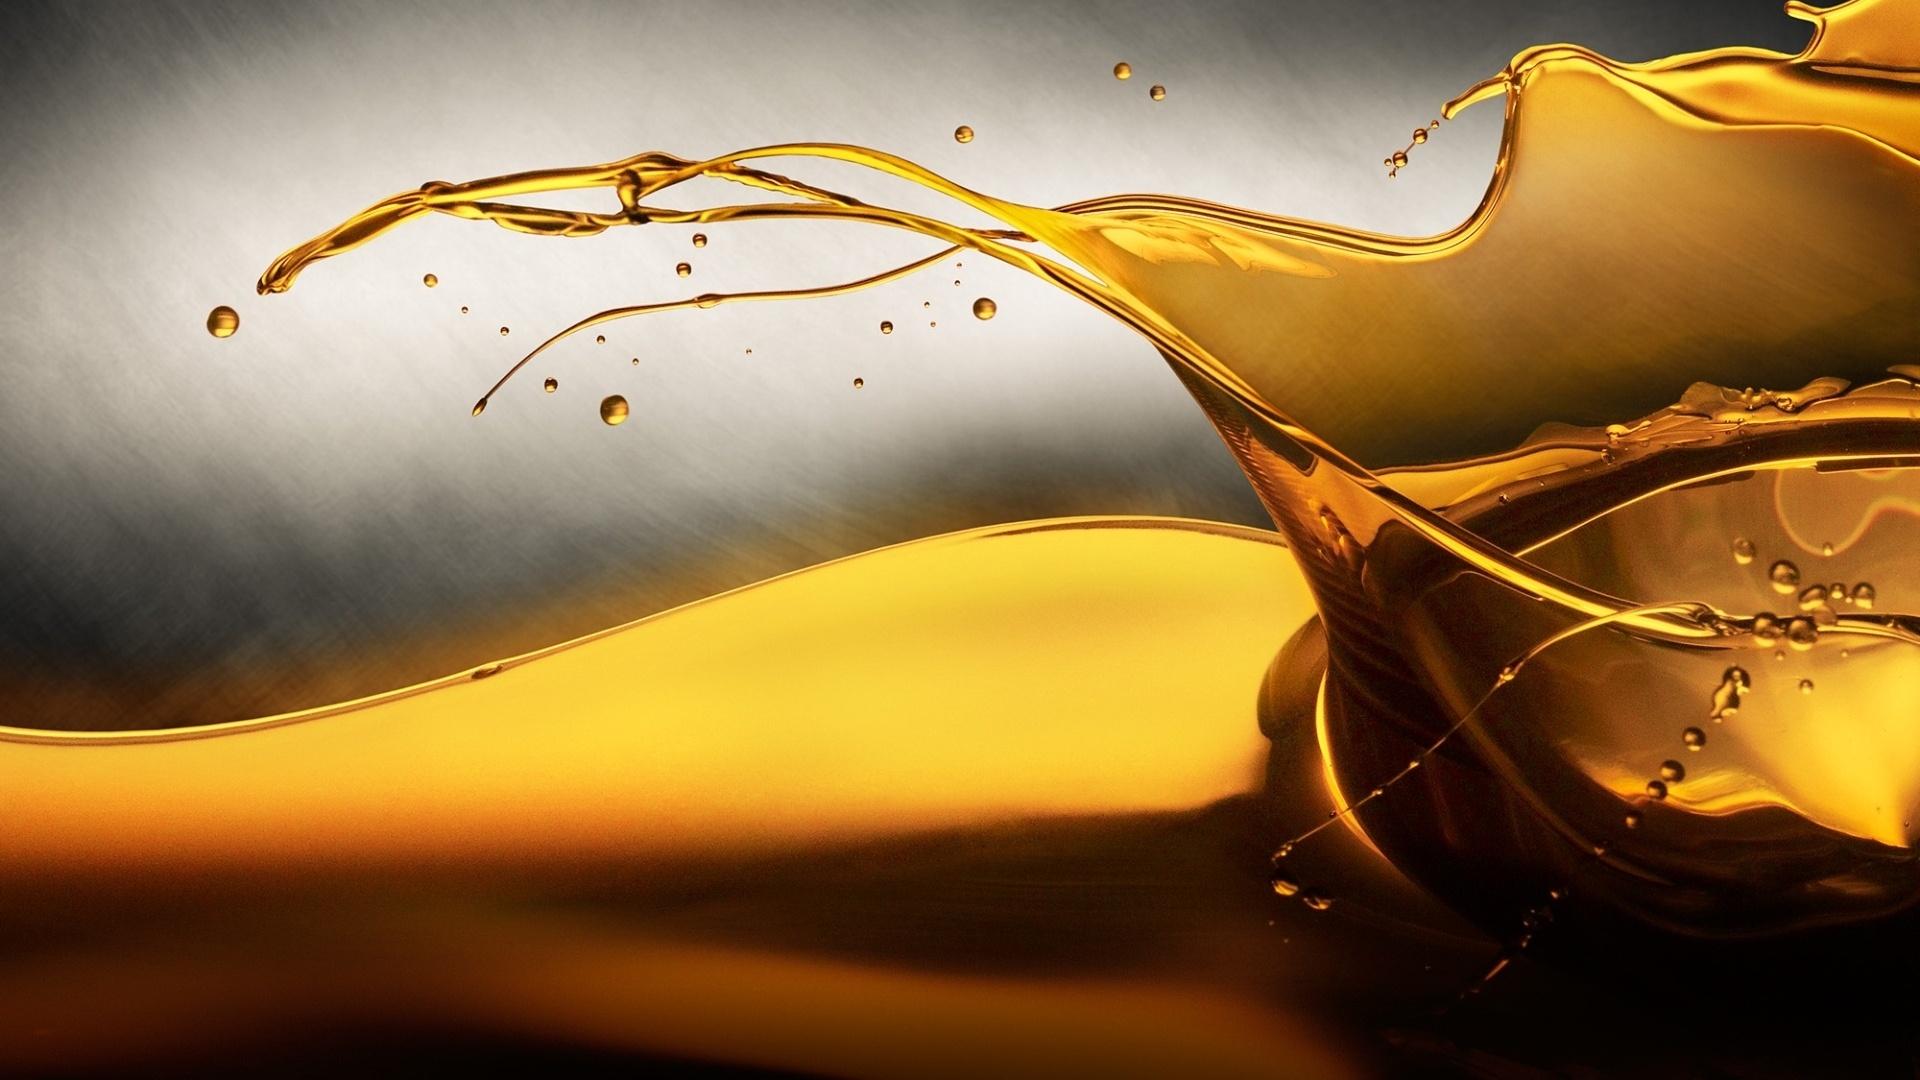 gold liquid desktop wallpaper 60329